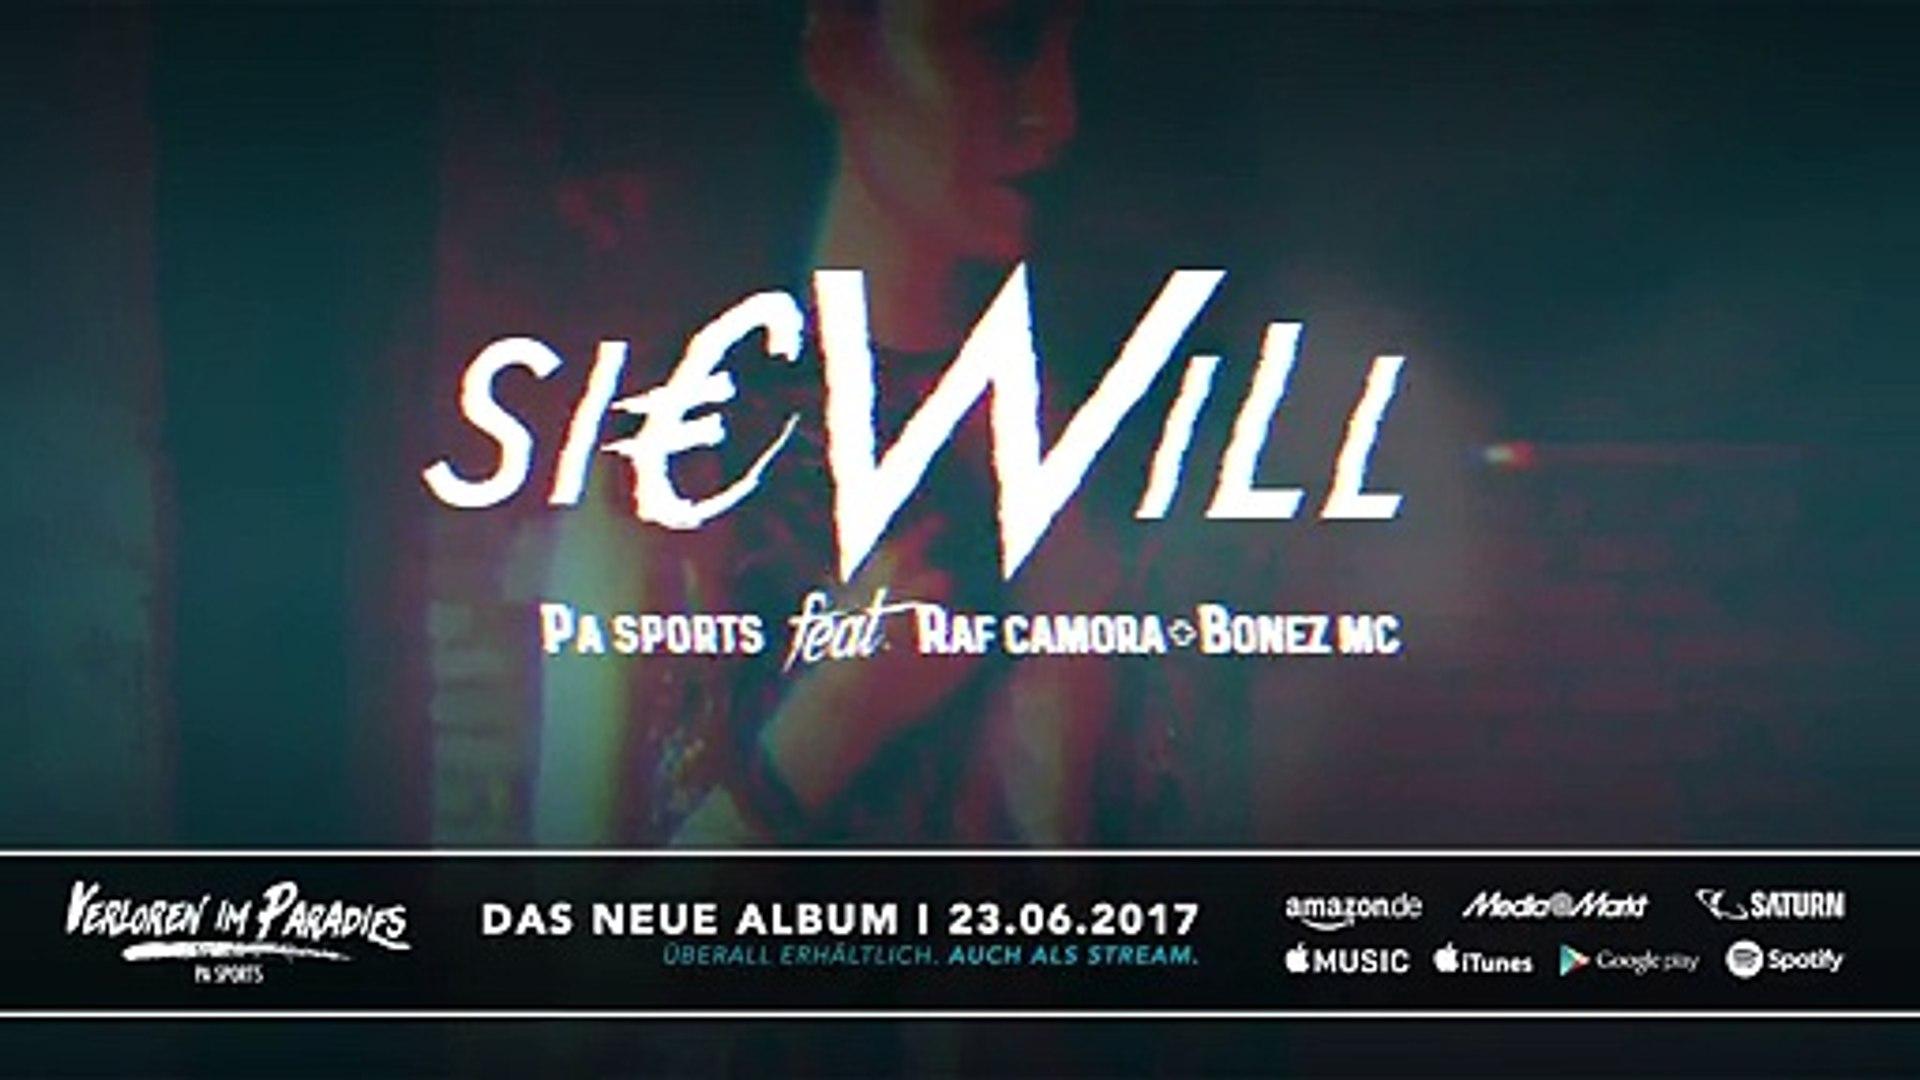 PA Sports - Sie will ft. Raf Camora & Bonez MC (prod. by Aribeatz)